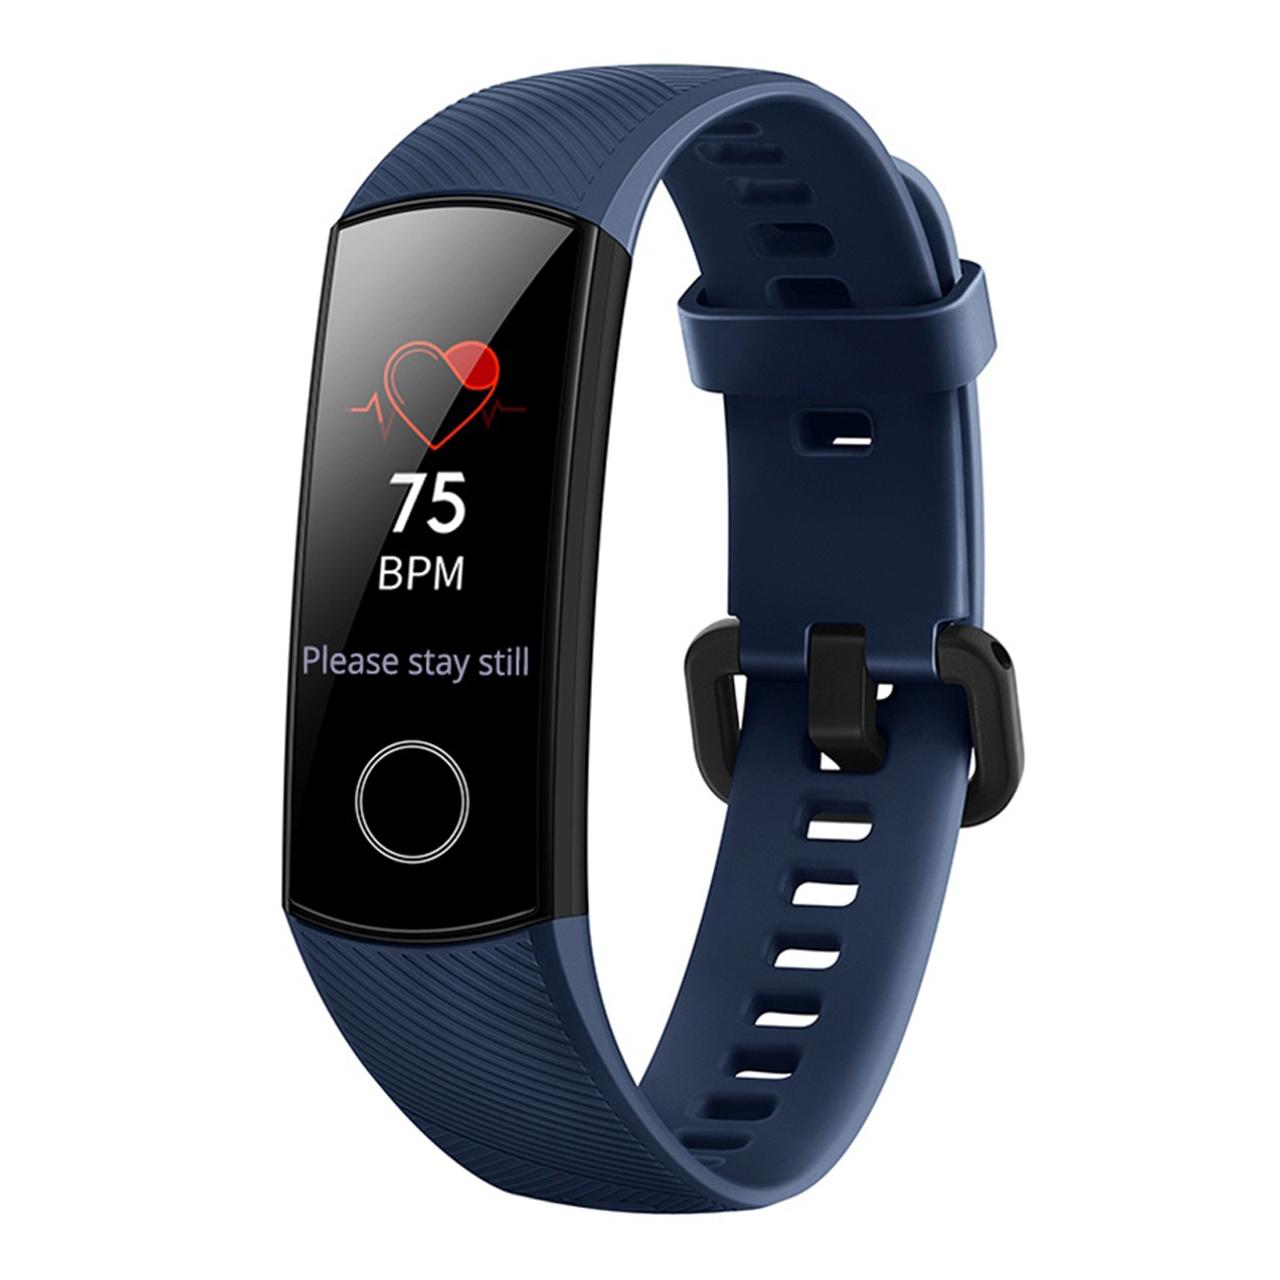 خرید ساعت هوشمند هوآوی مدل Huawei honor band 4